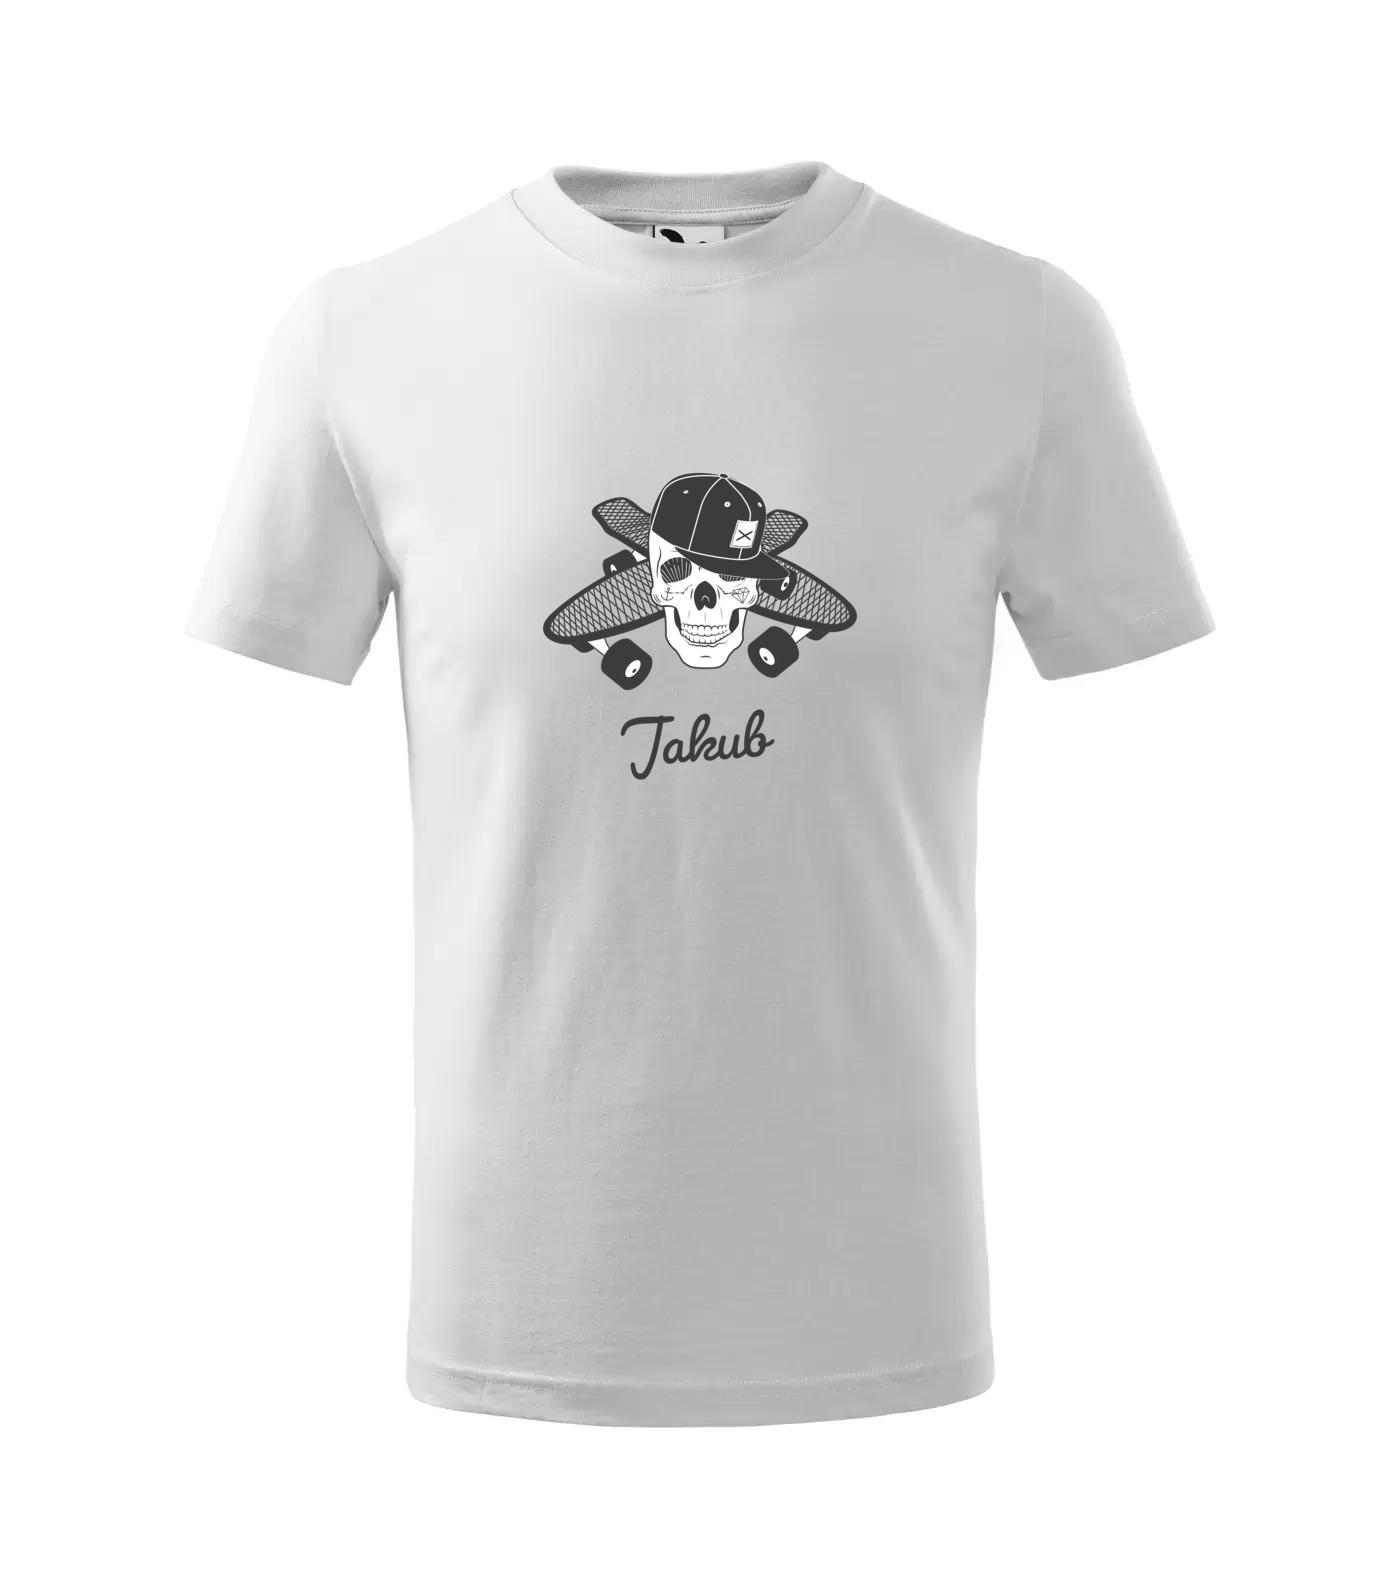 Tričko Skejťák Jakub